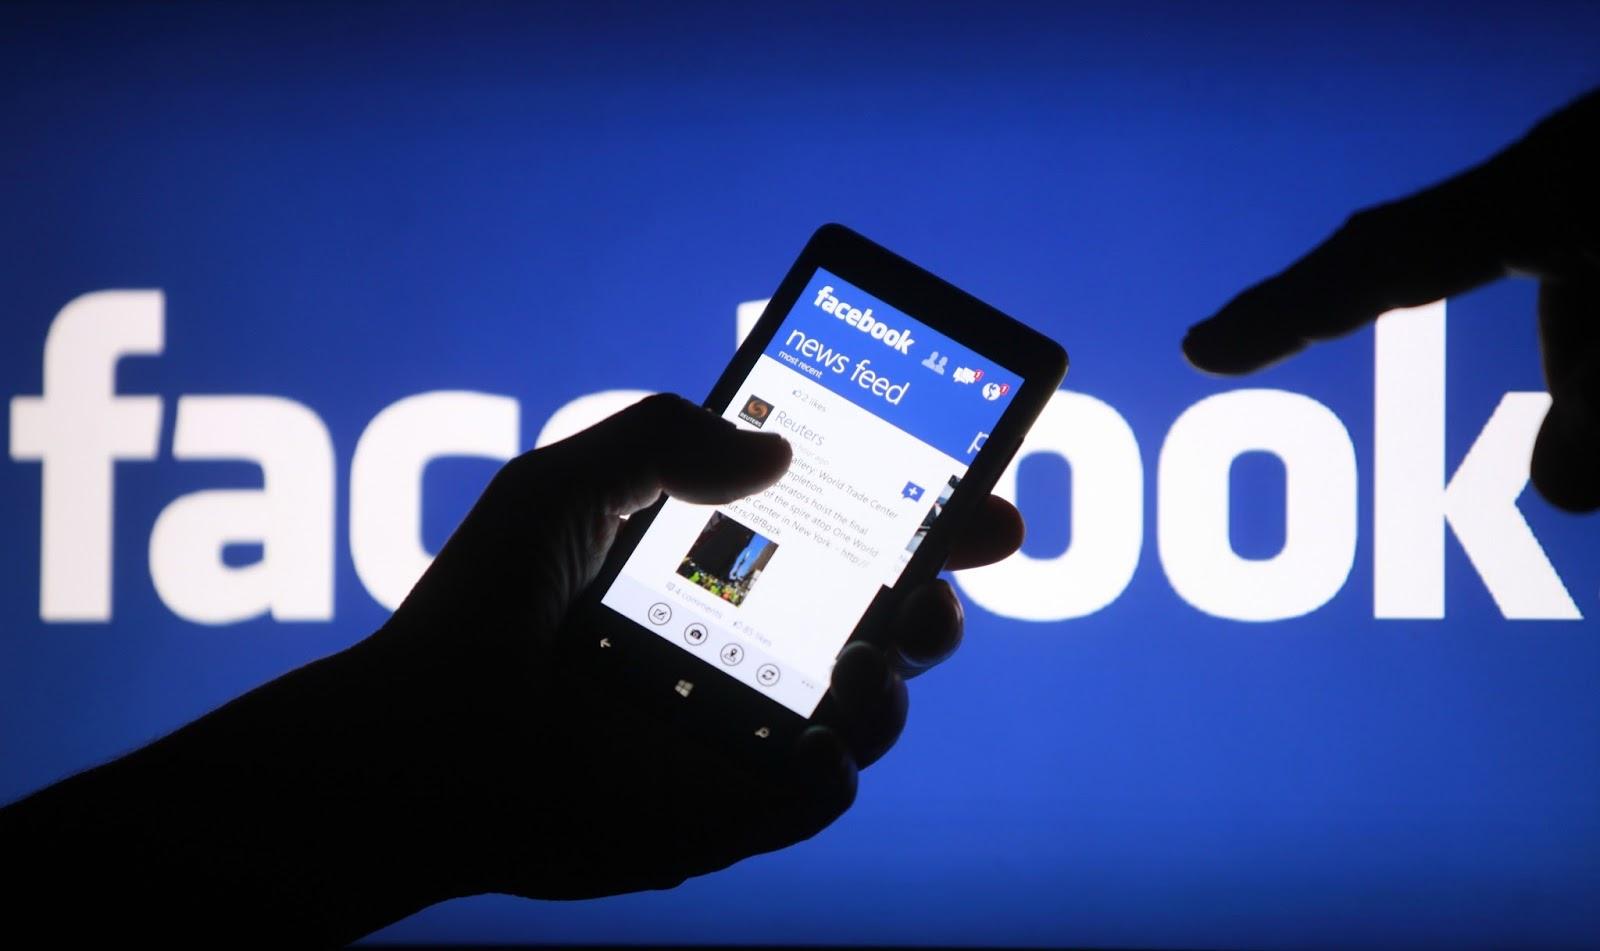 Download Facebook Messenger For Samsung - ดาวน์โหลด